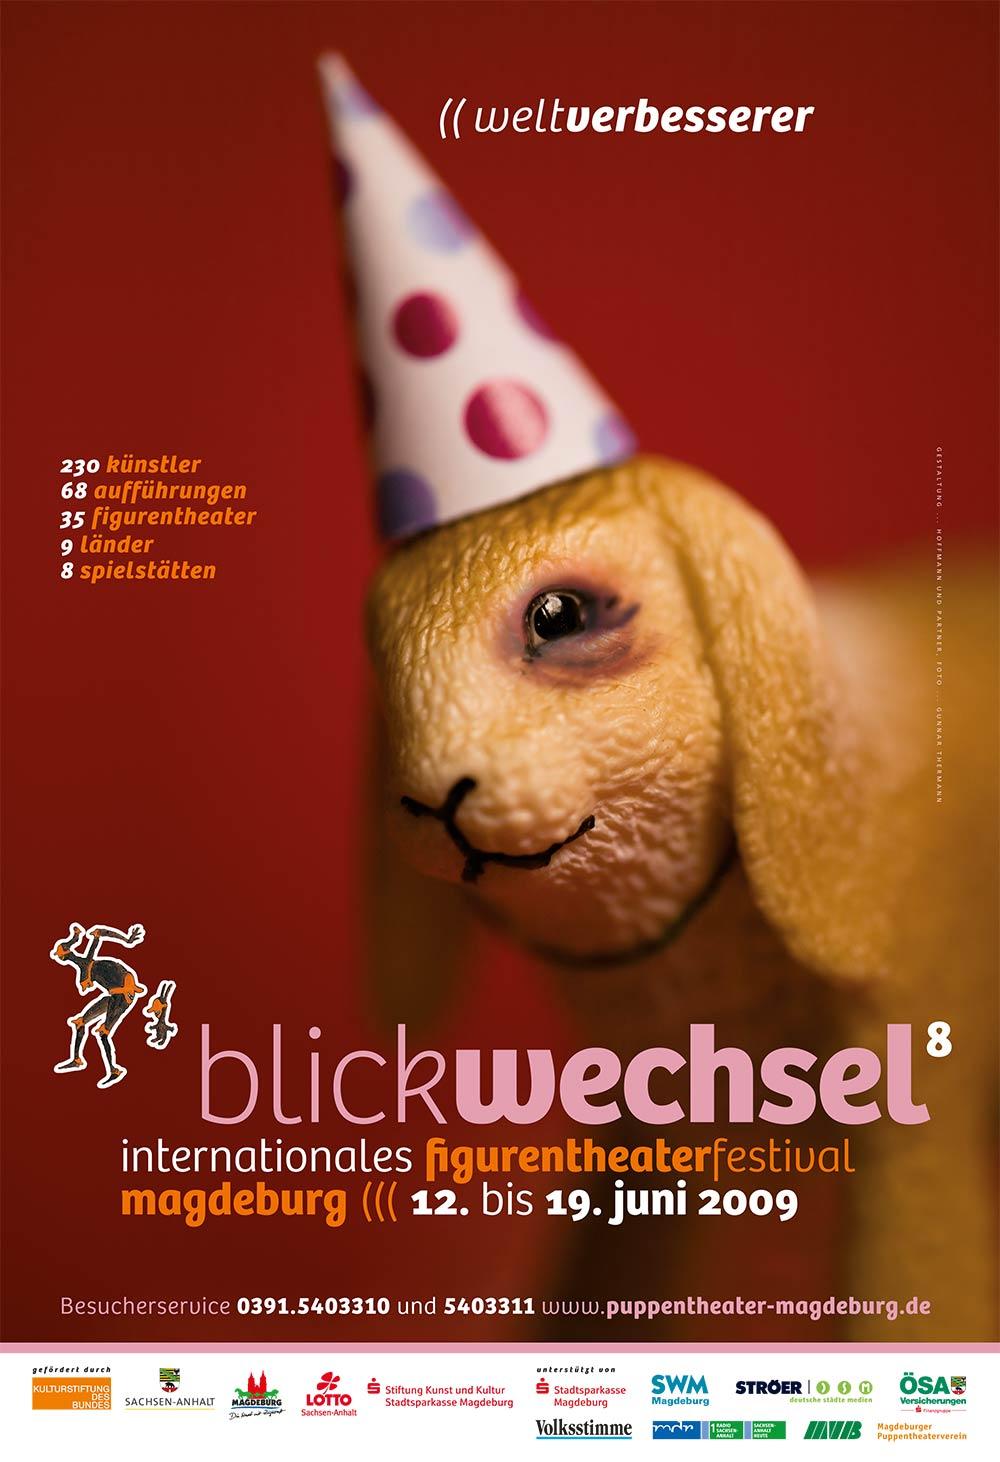 Blickwechselfestival 2009 Weltverbesserer